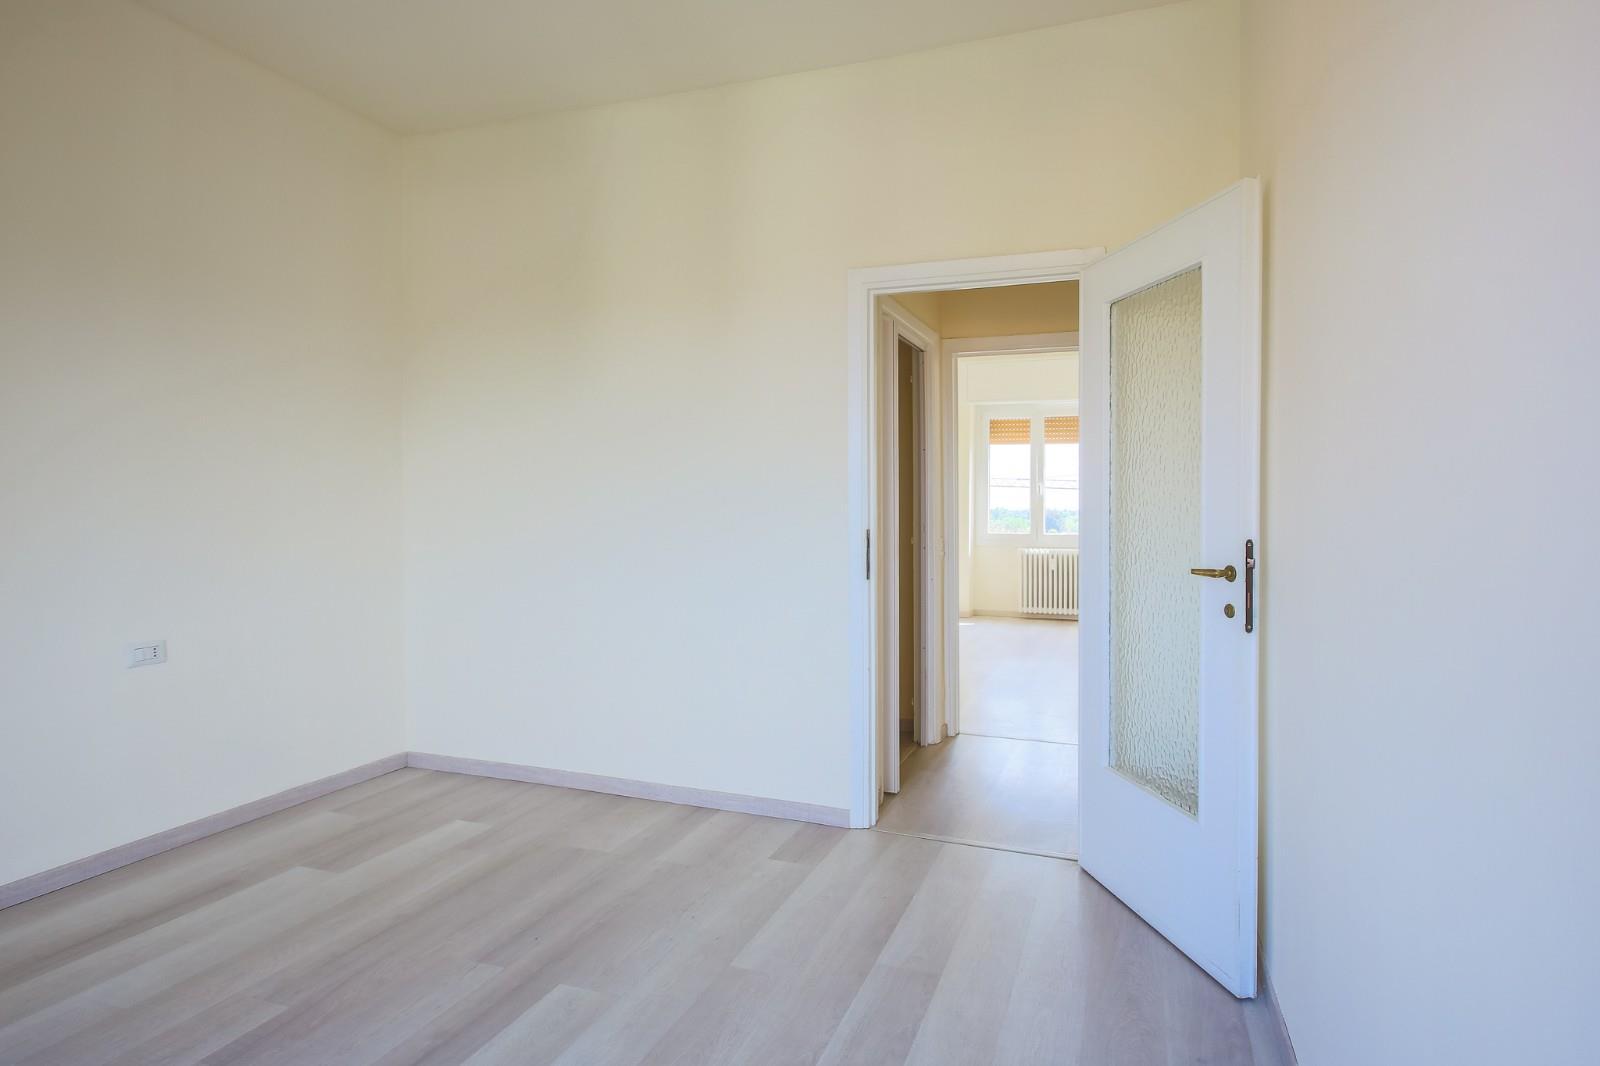 Foto 13 - Appartamento in Vendita - Verano Brianza (Monza e Brianza)